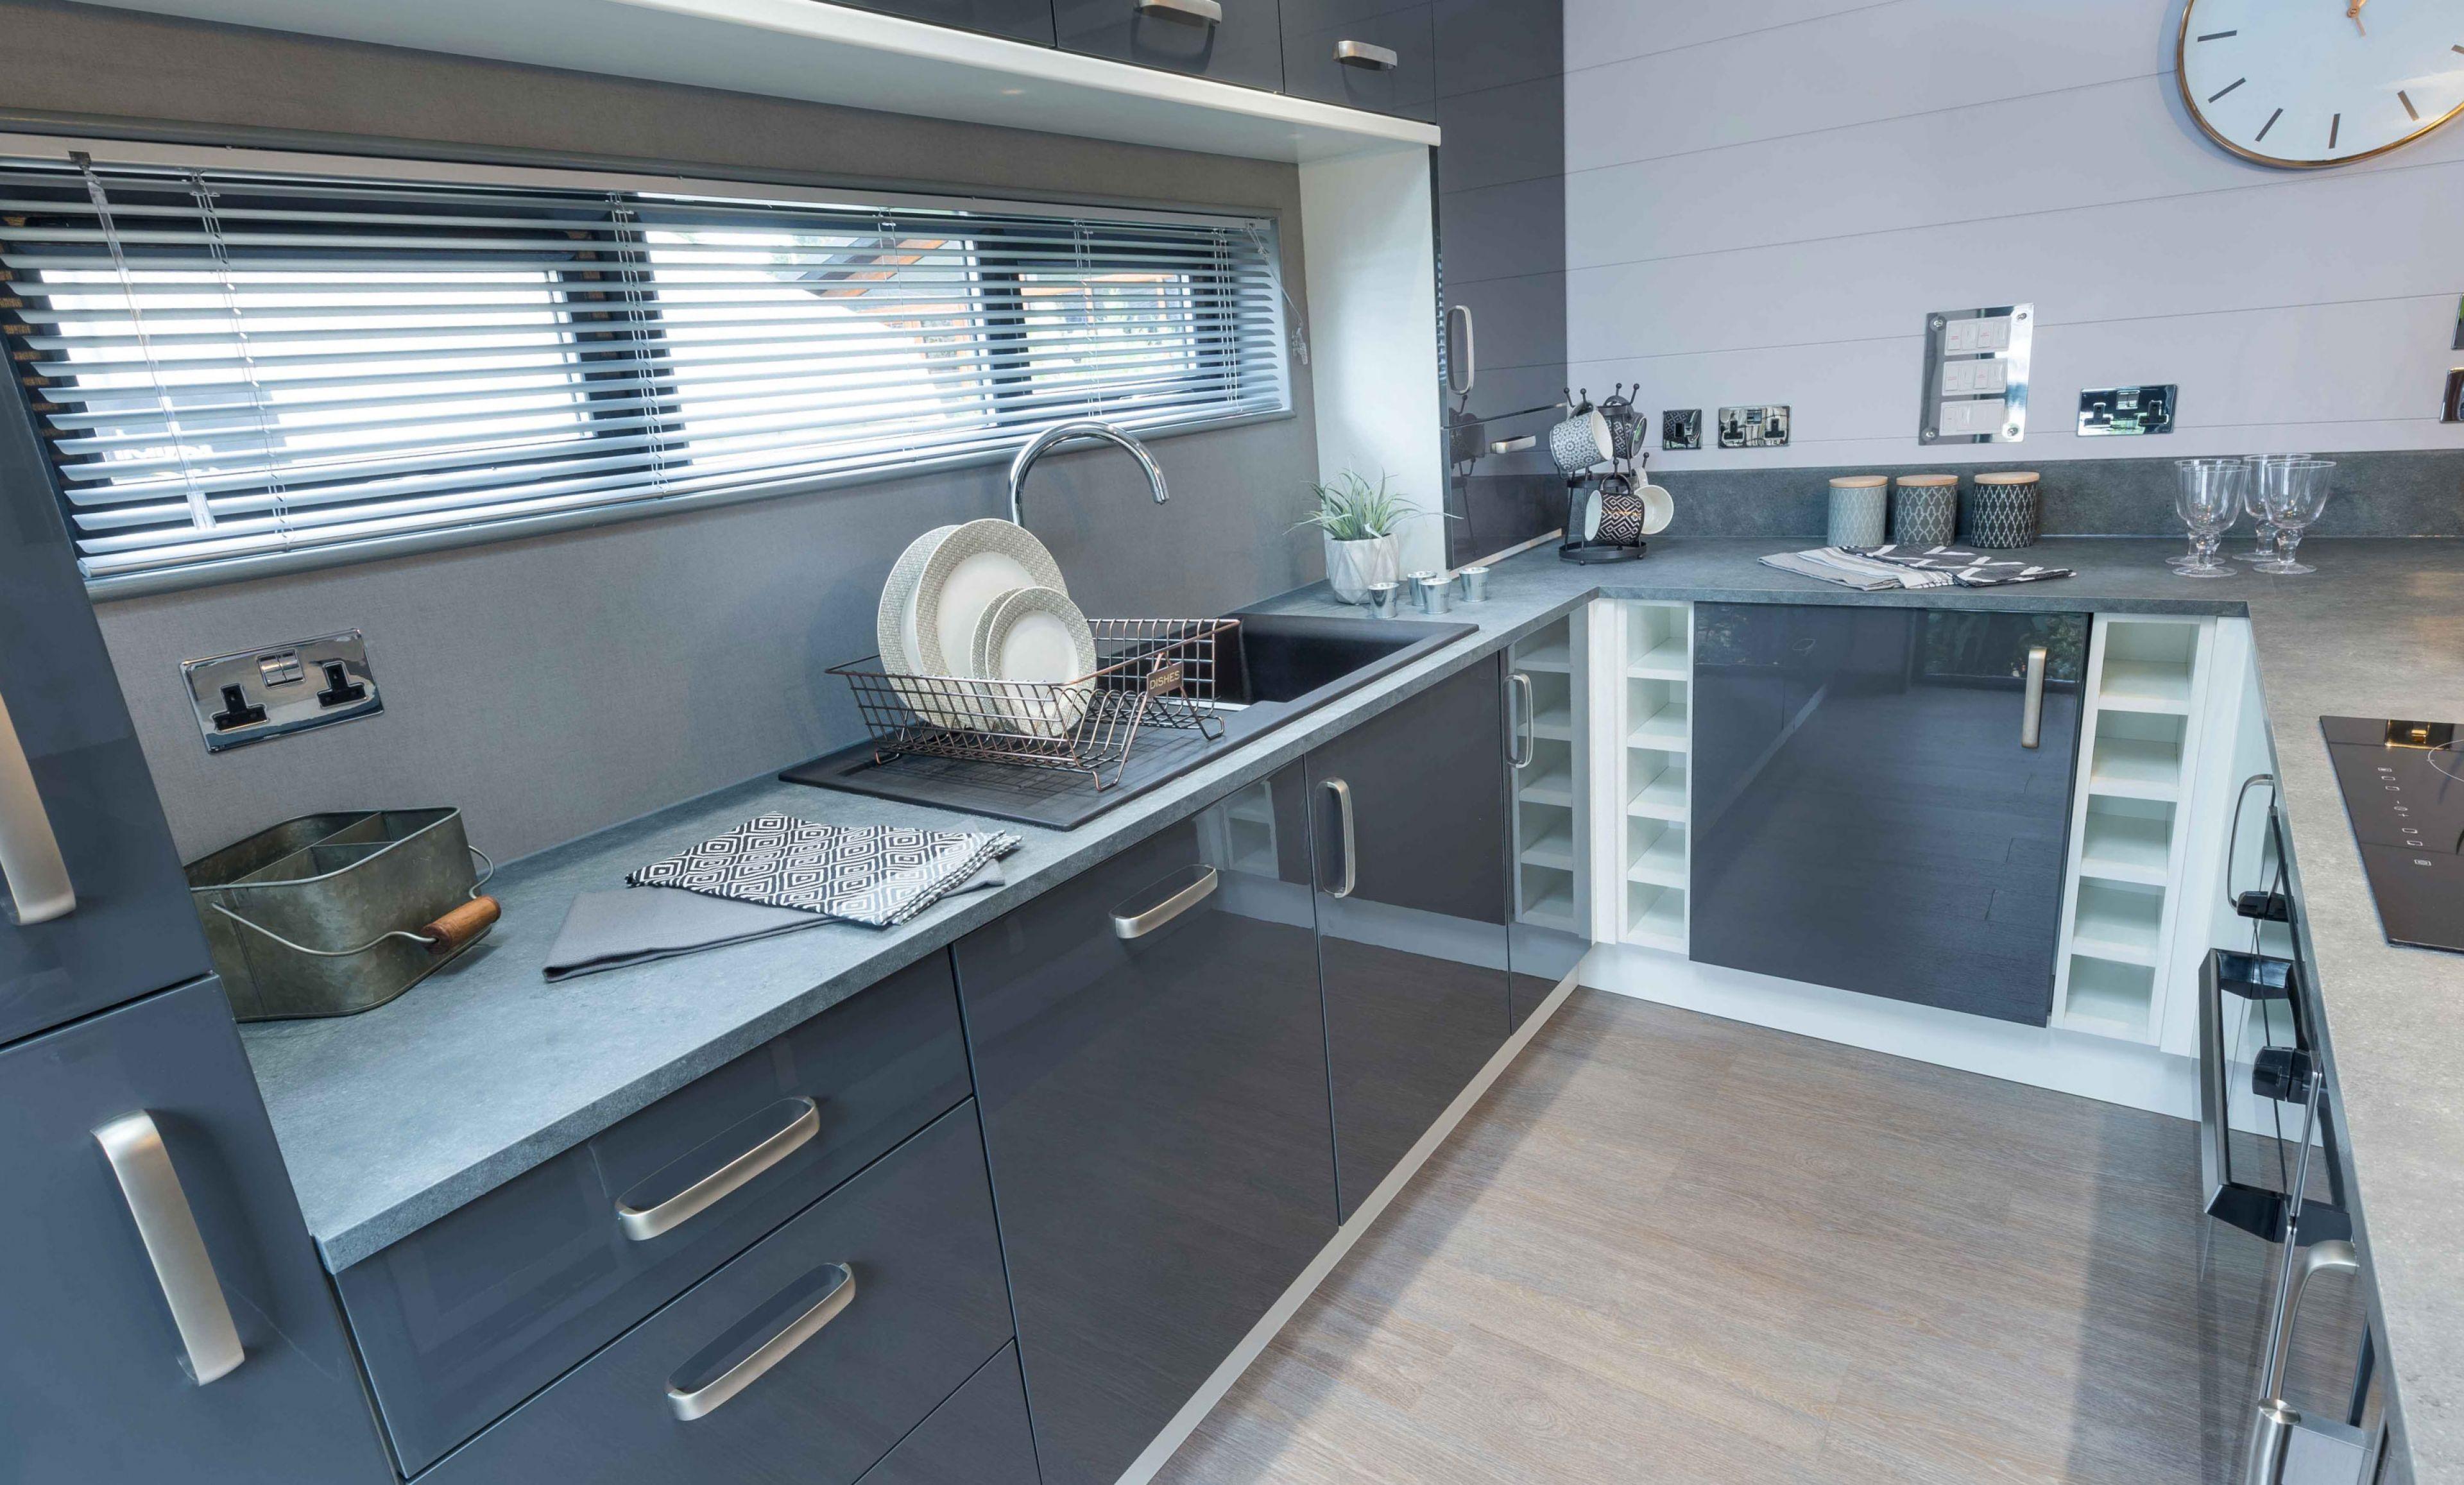 The Kudos kitchen